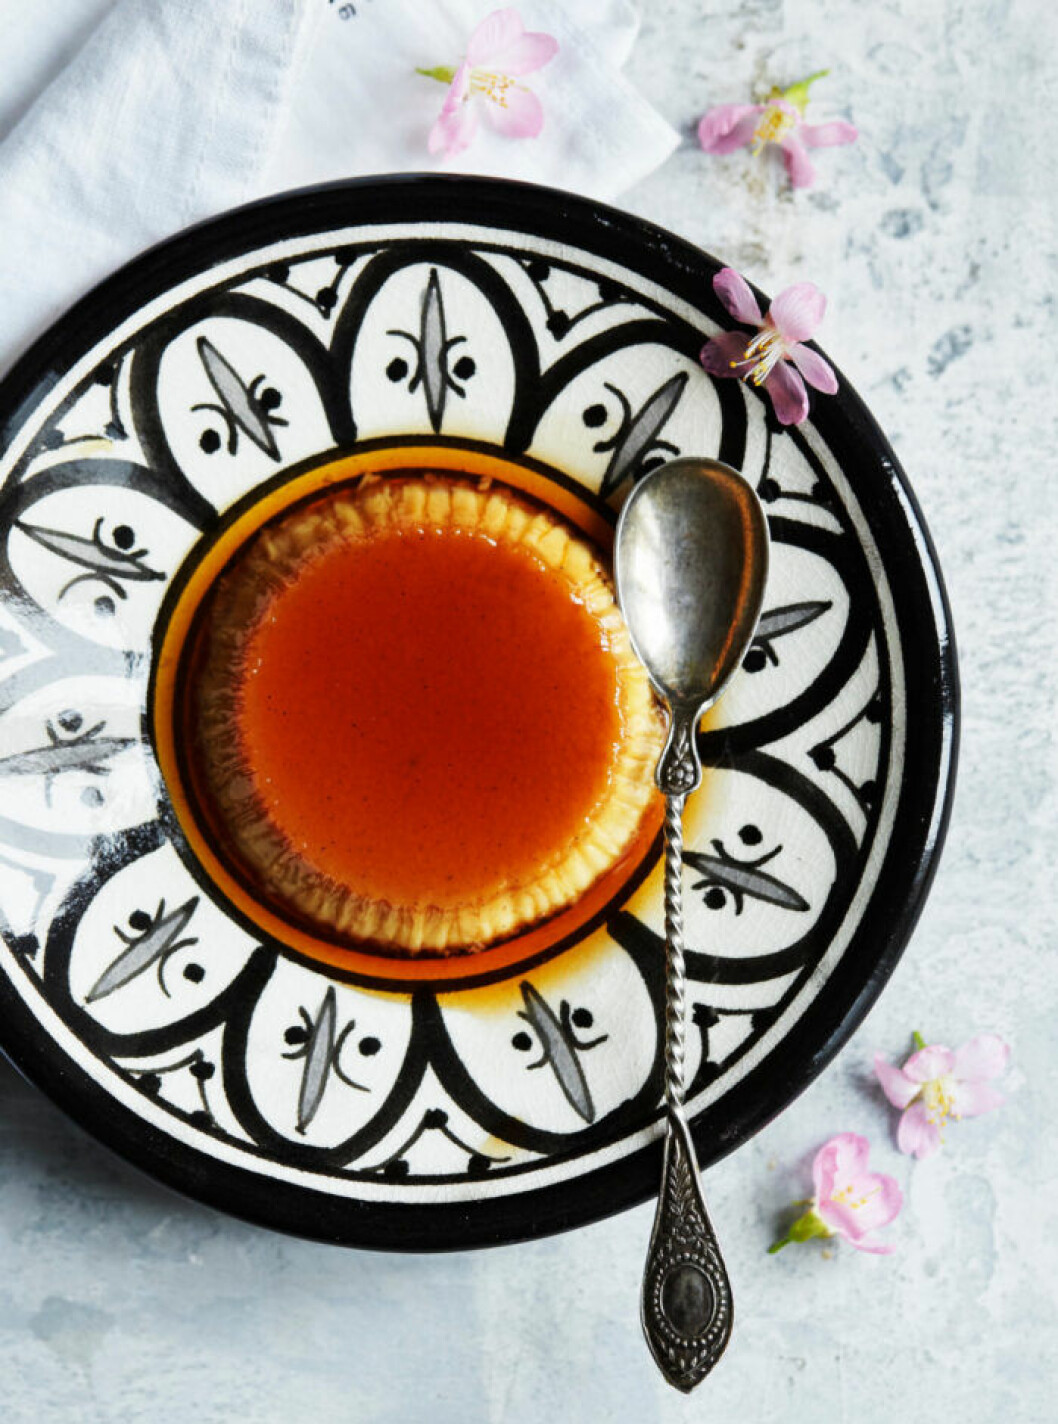 Créme caramel med kaffe